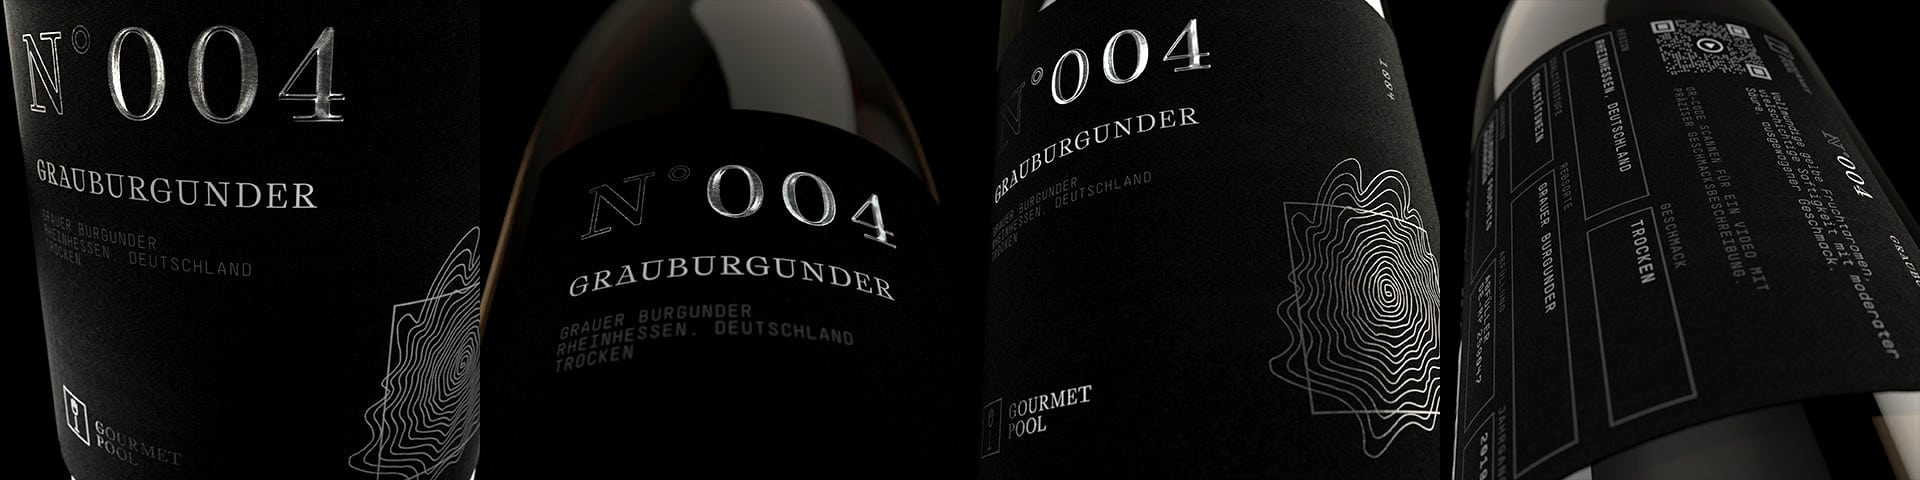 Weinflaschen Detailaufnahme N°004 Grauburgunder